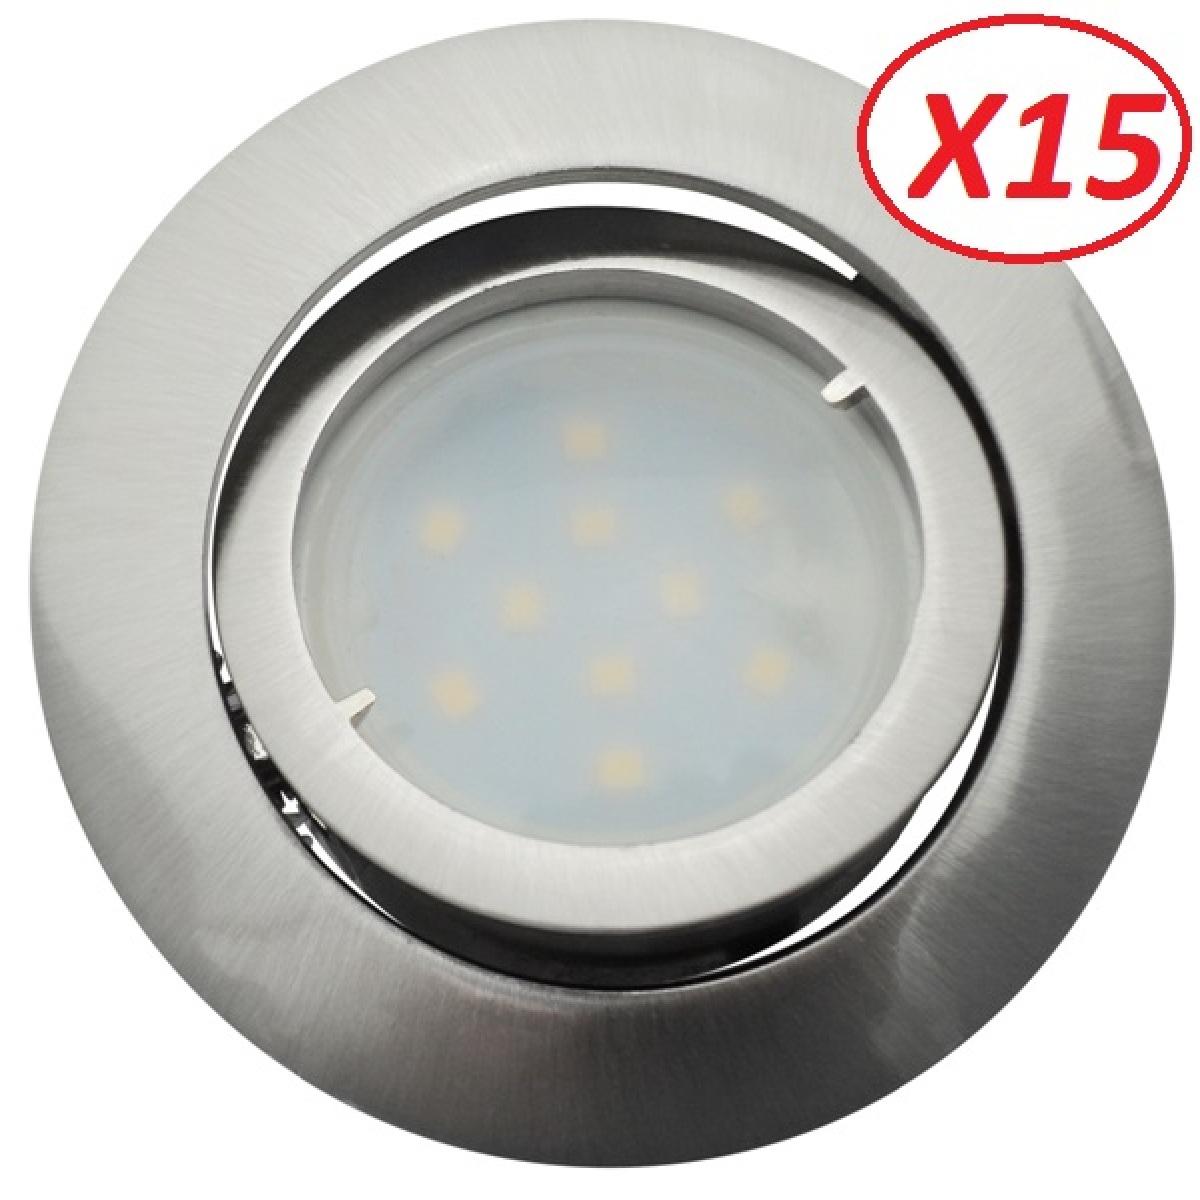 Eurobryte Lot de 15 Spot Led Encastrable Complete Satin Orientable lumière Blanc Neutre eq. 50W ref.895